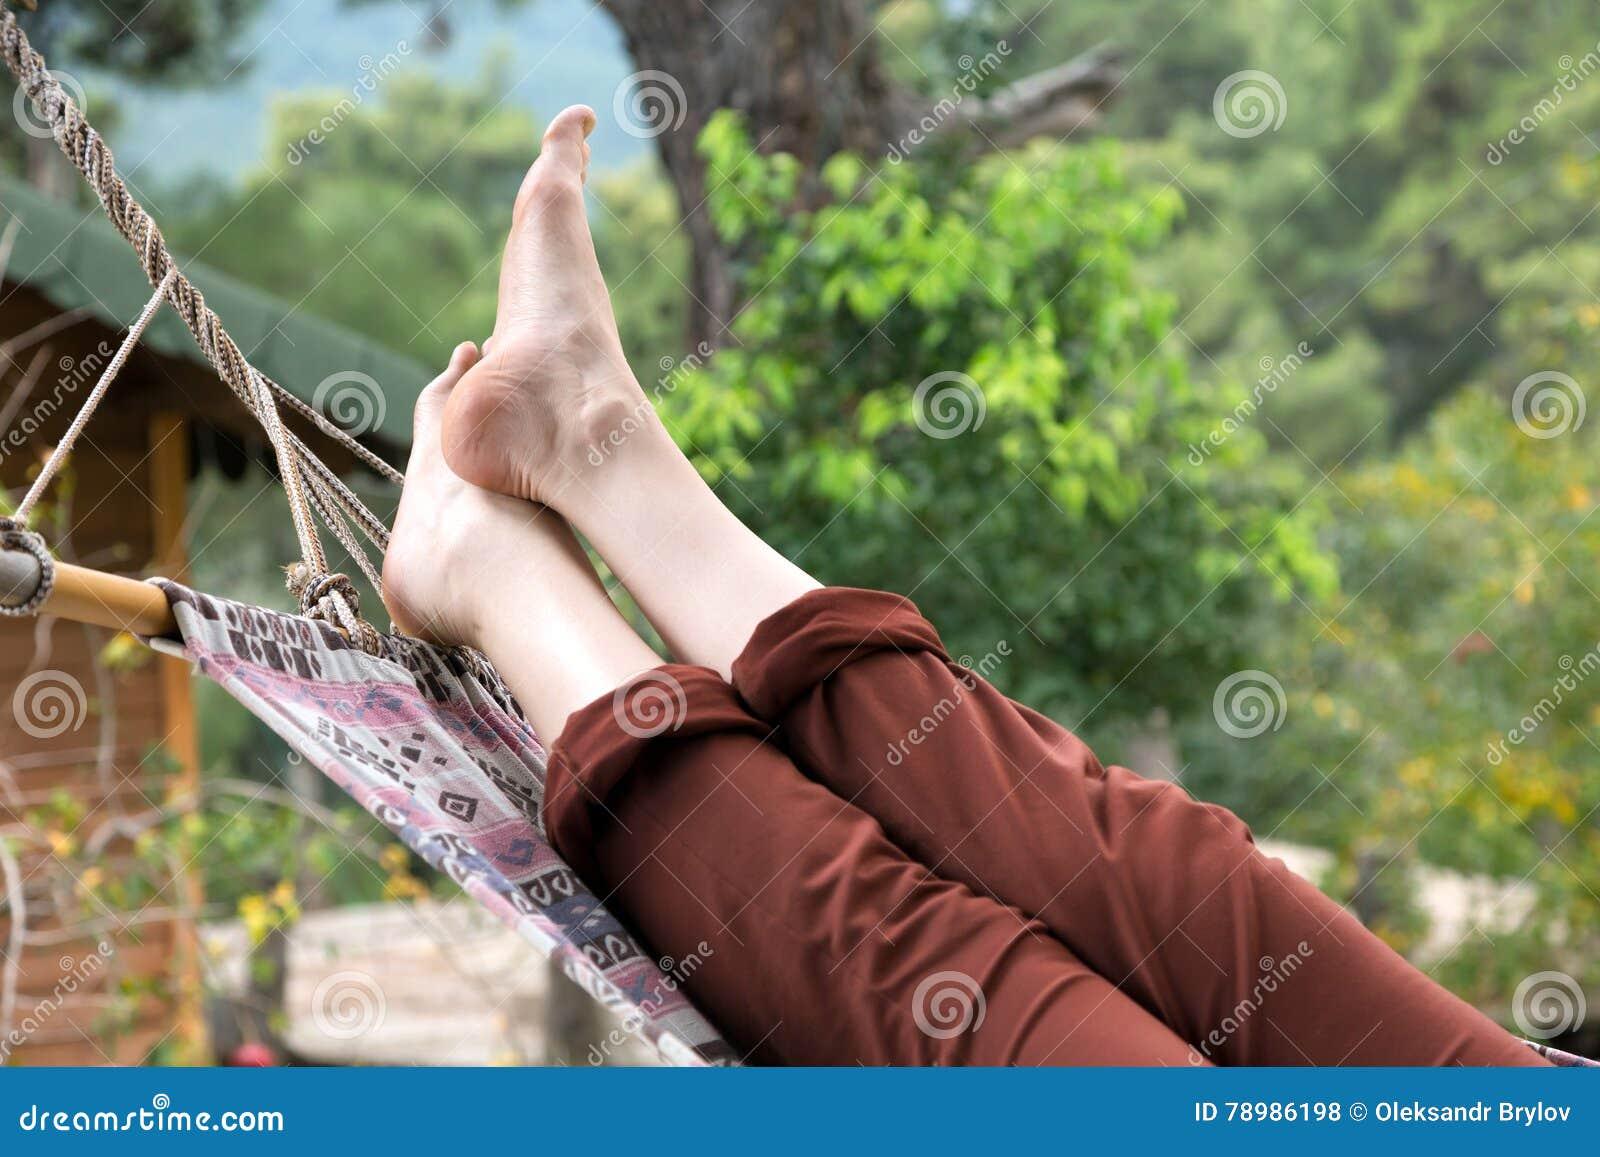 Entspannungslügen der Person in der Hängematte am ländlichen Häuschengarten